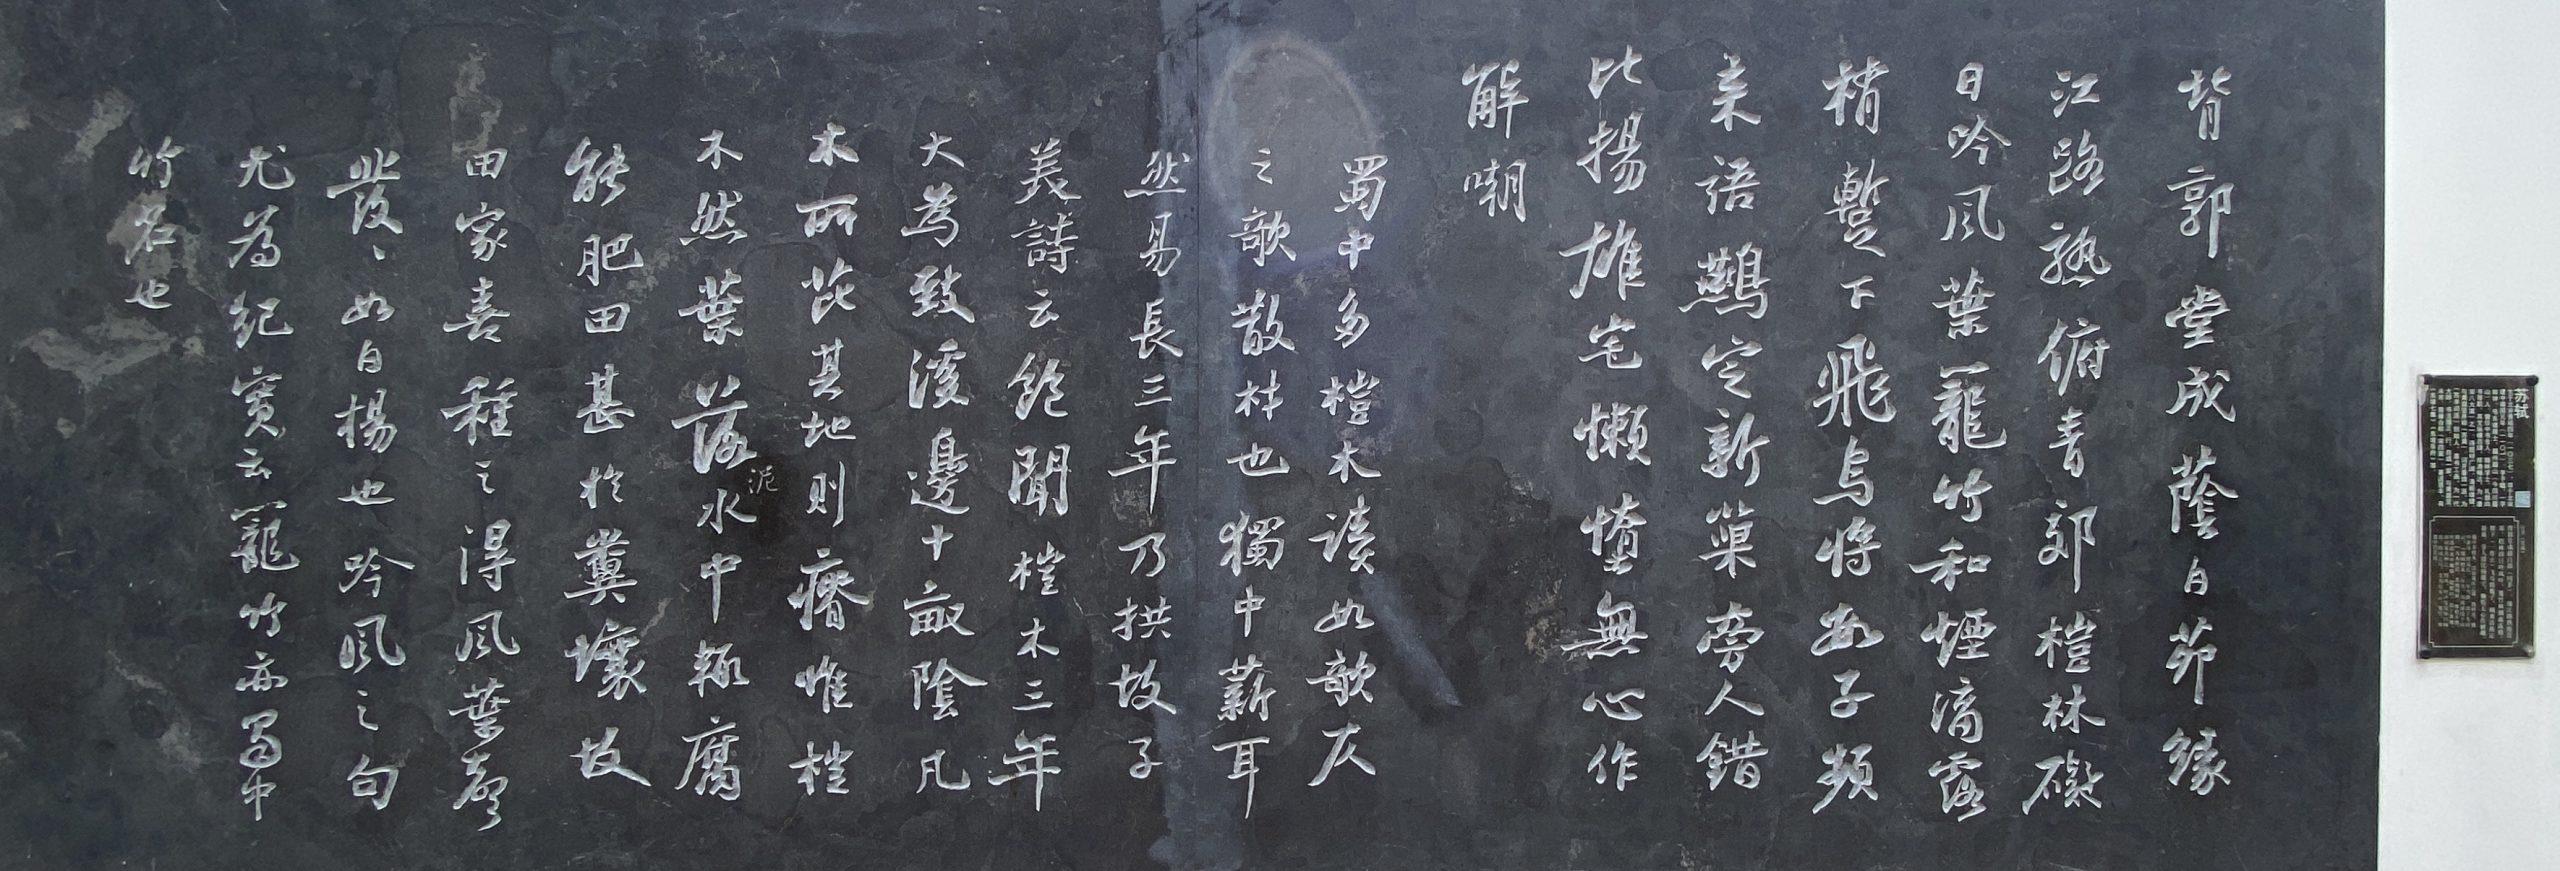 堂成-杜甫千詩碑-浣花溪公園-成都杜甫草堂博物館-書:蘇軾